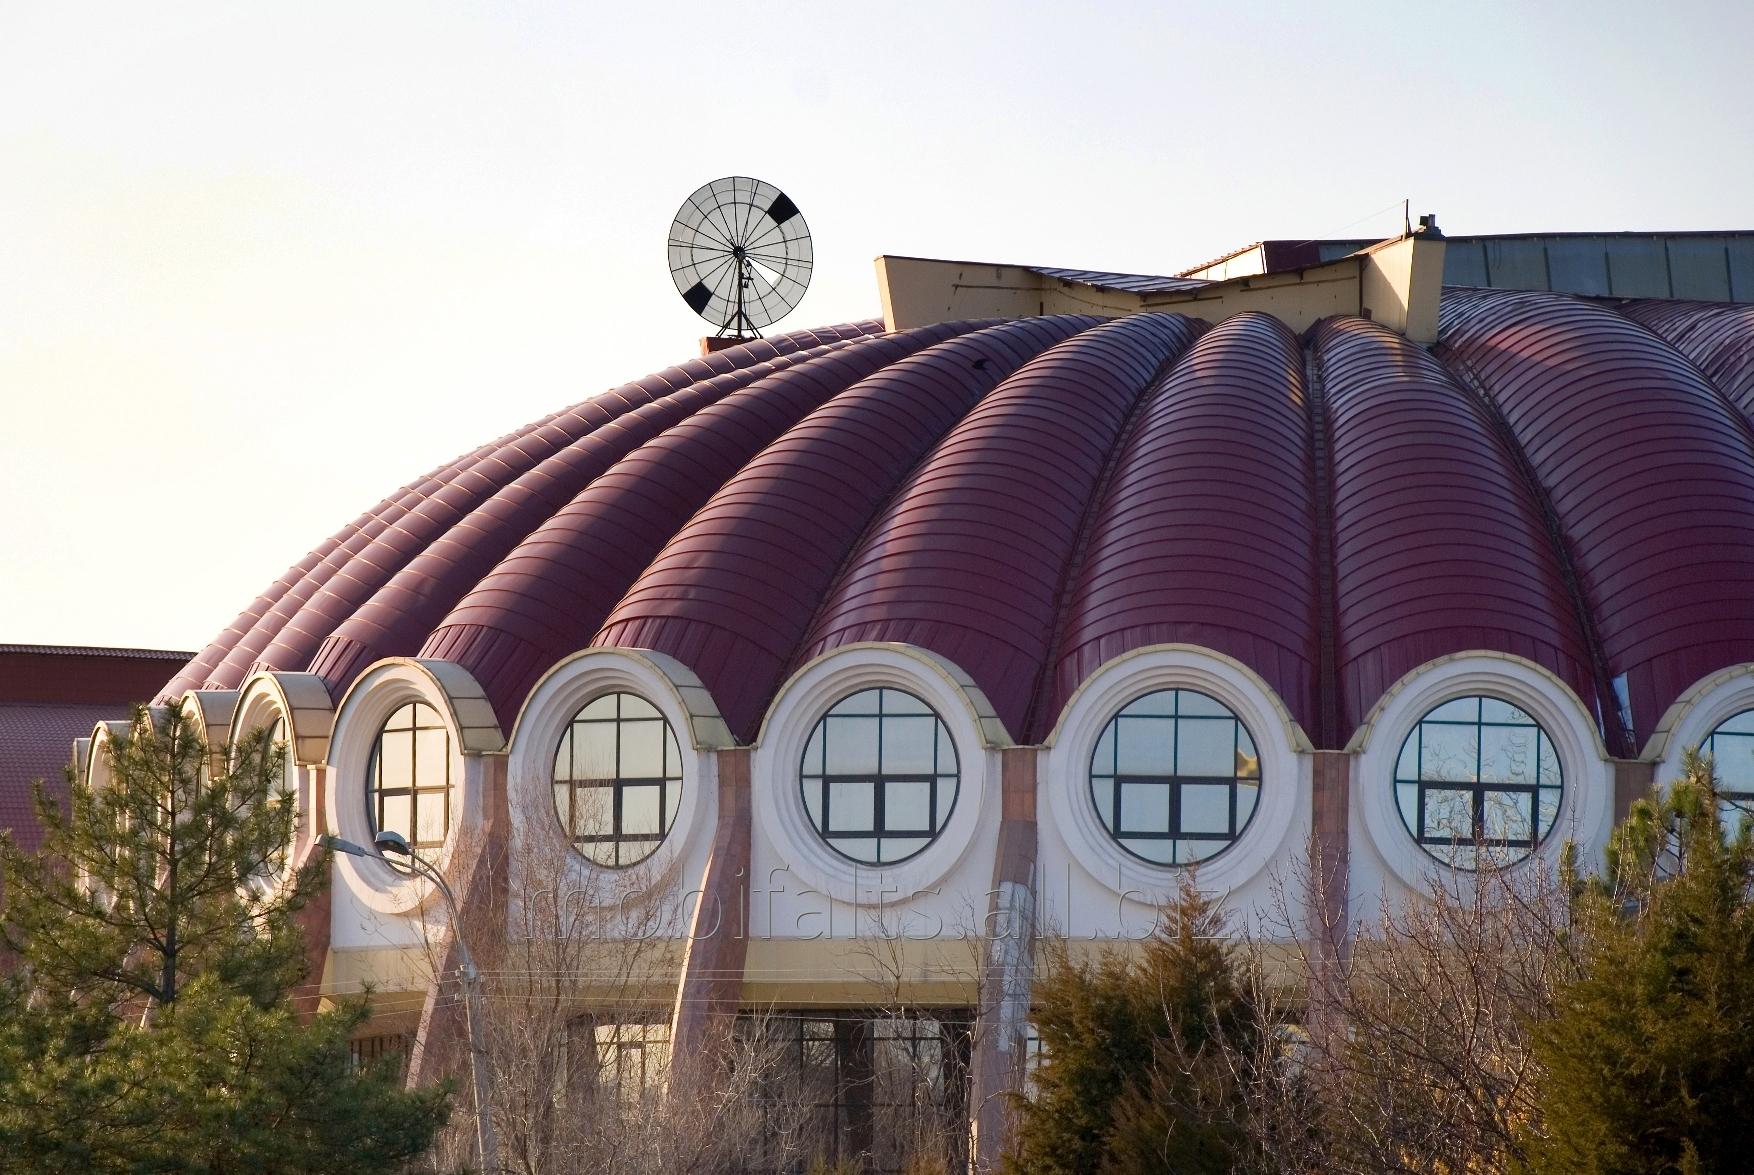 Faltsevy roof 87